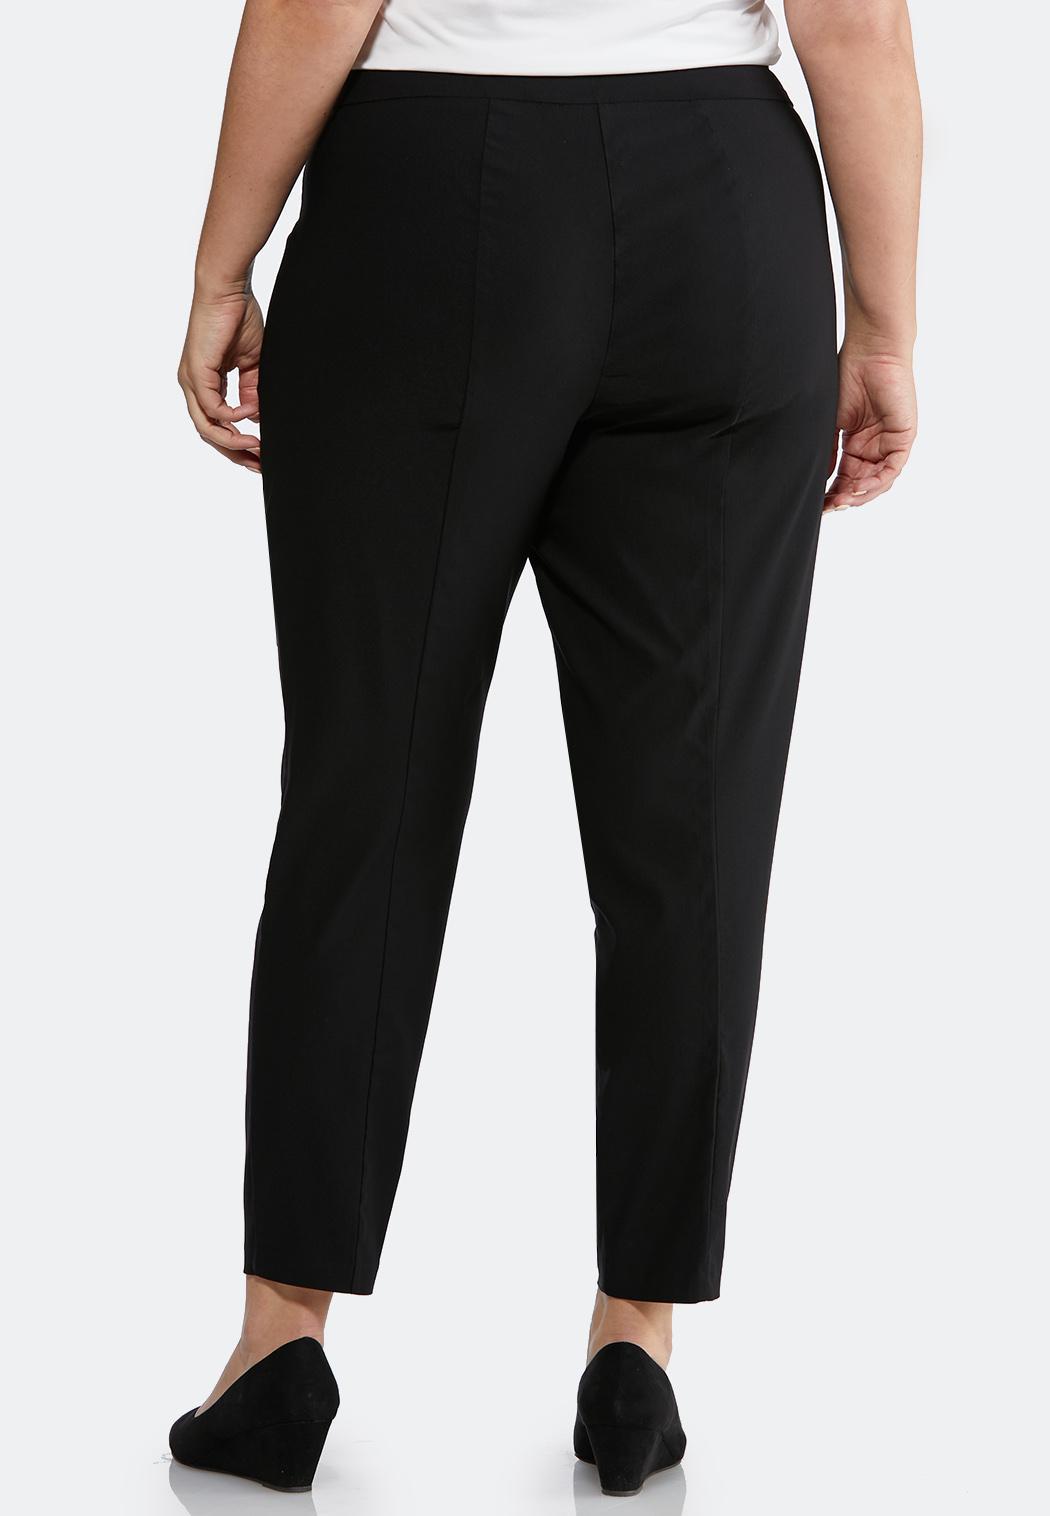 Plus Petite Pull-On Solid Slim Pants (Item #43996628)